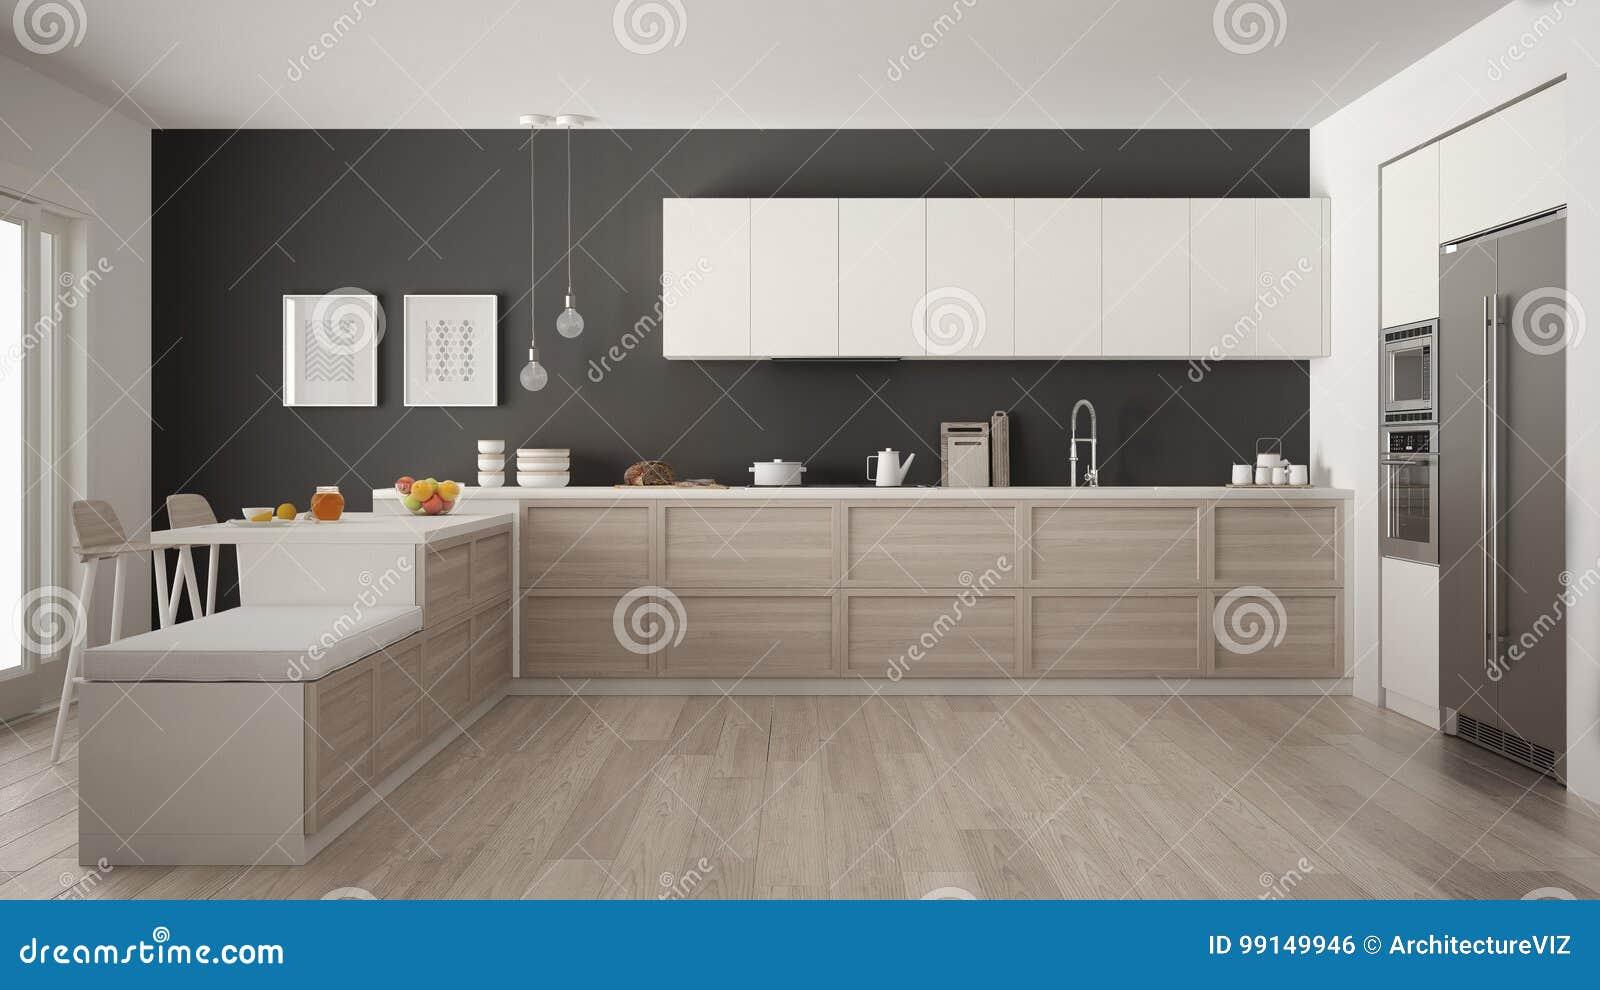 Cuisine Moderne Classique Avec Les Details Et Le Plancher De